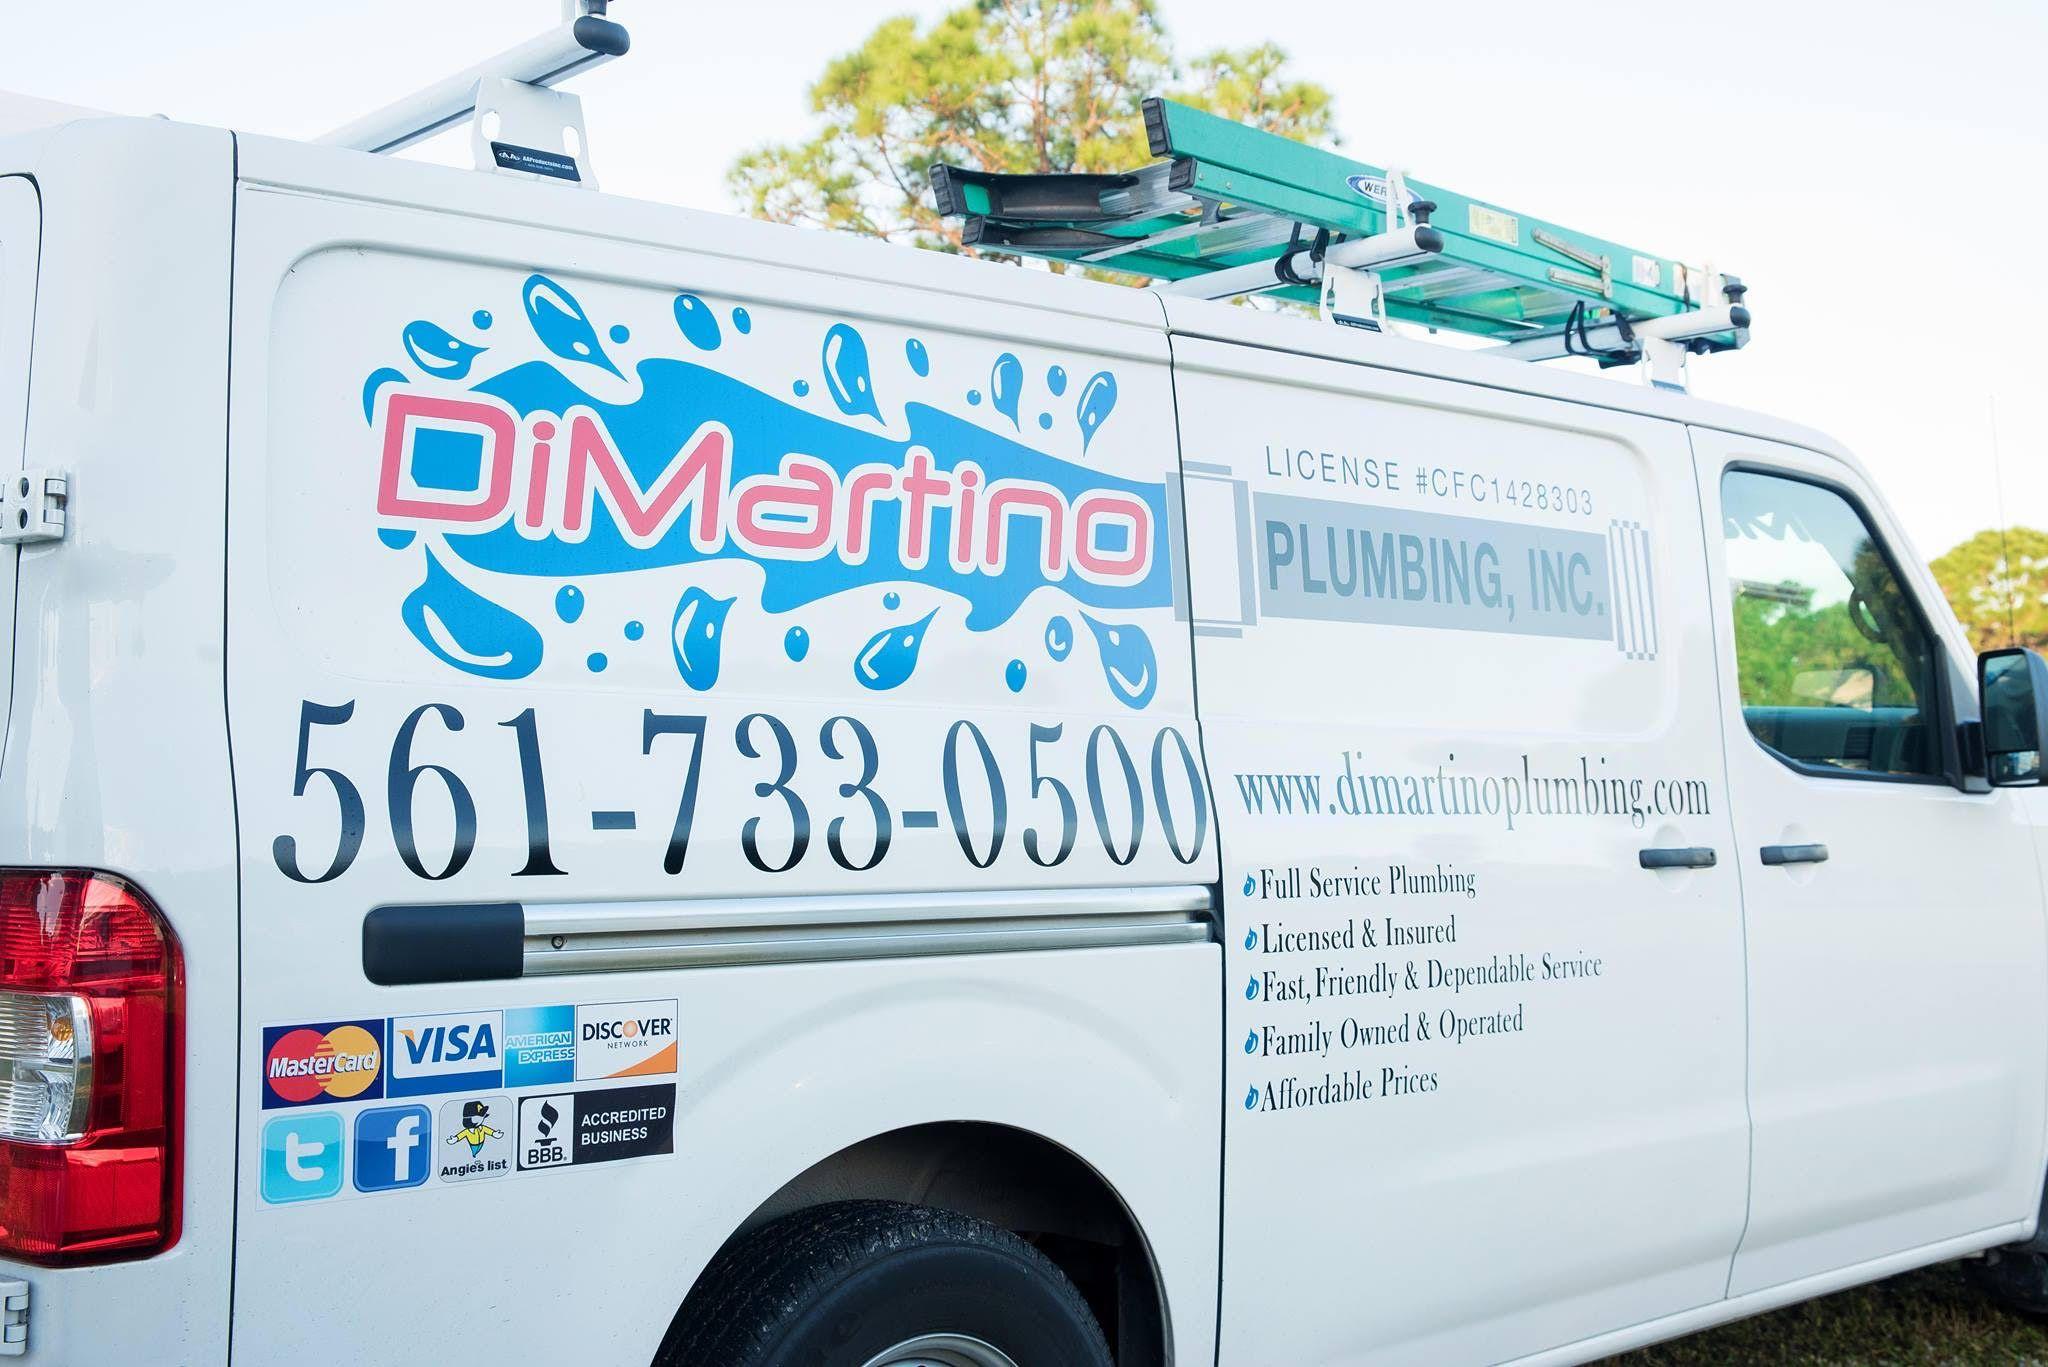 DiMartino Plumbing truck